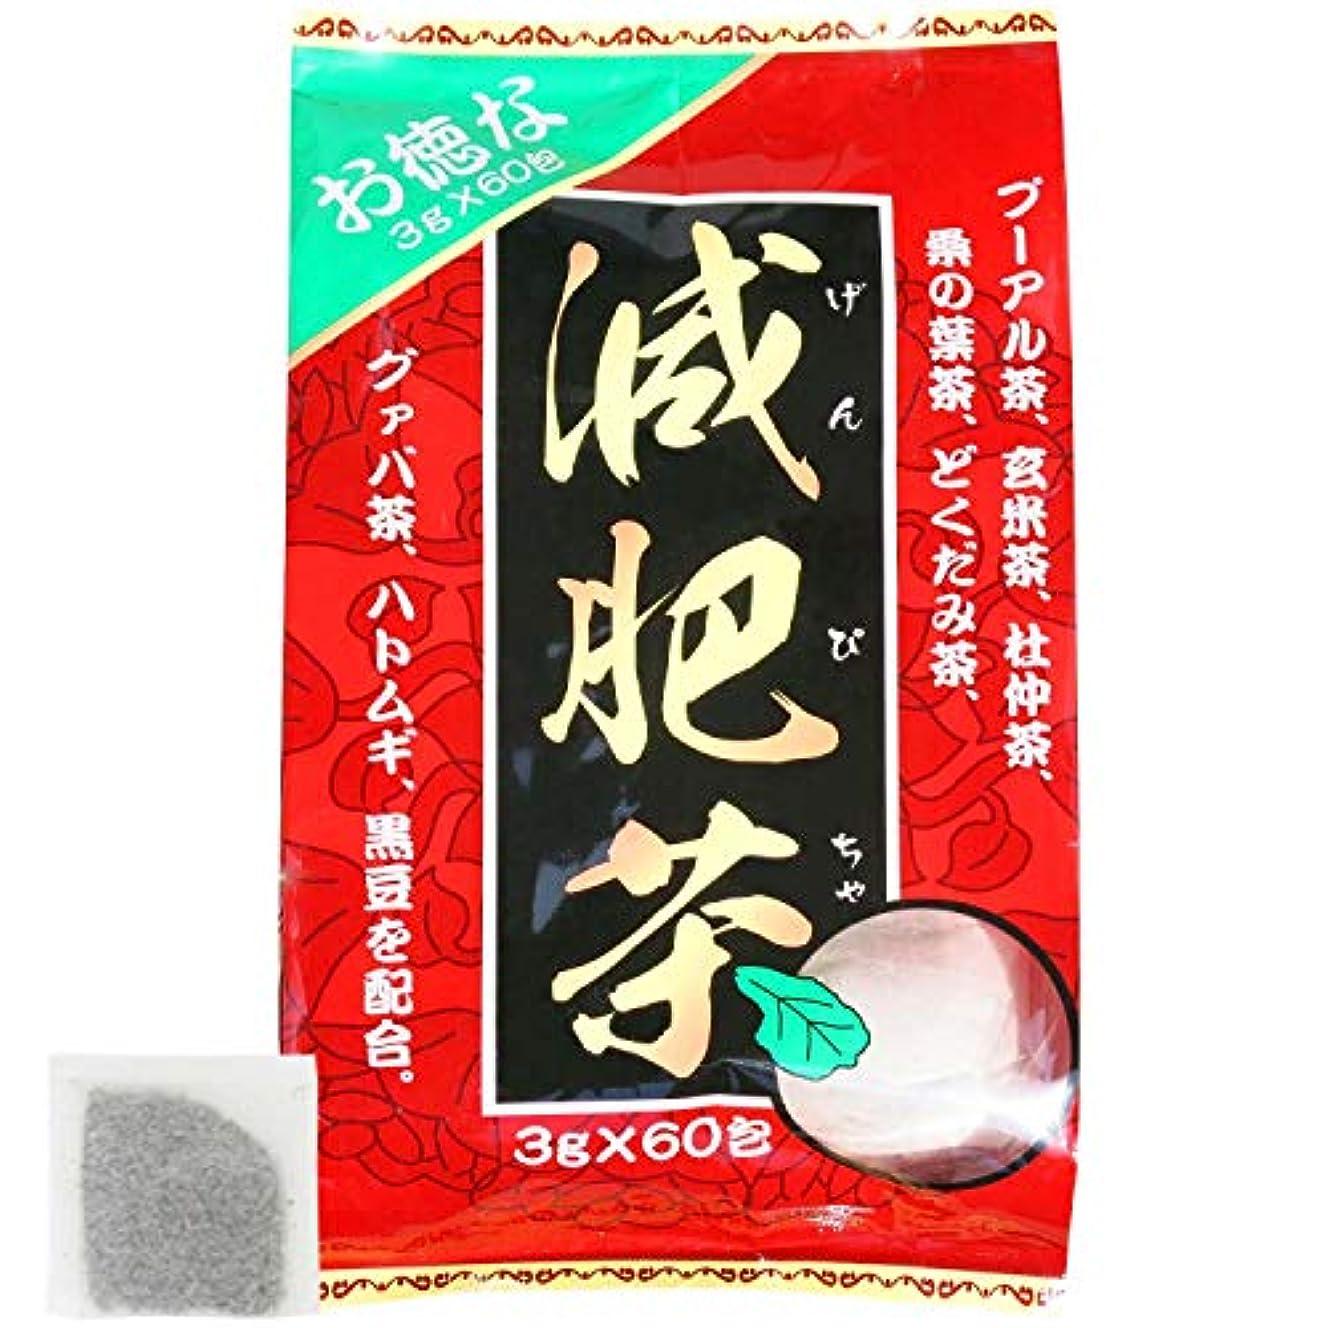 セイはさておき薄い偏心ユウキ製薬 お徳な減肥茶 30-60日分 3g×60包